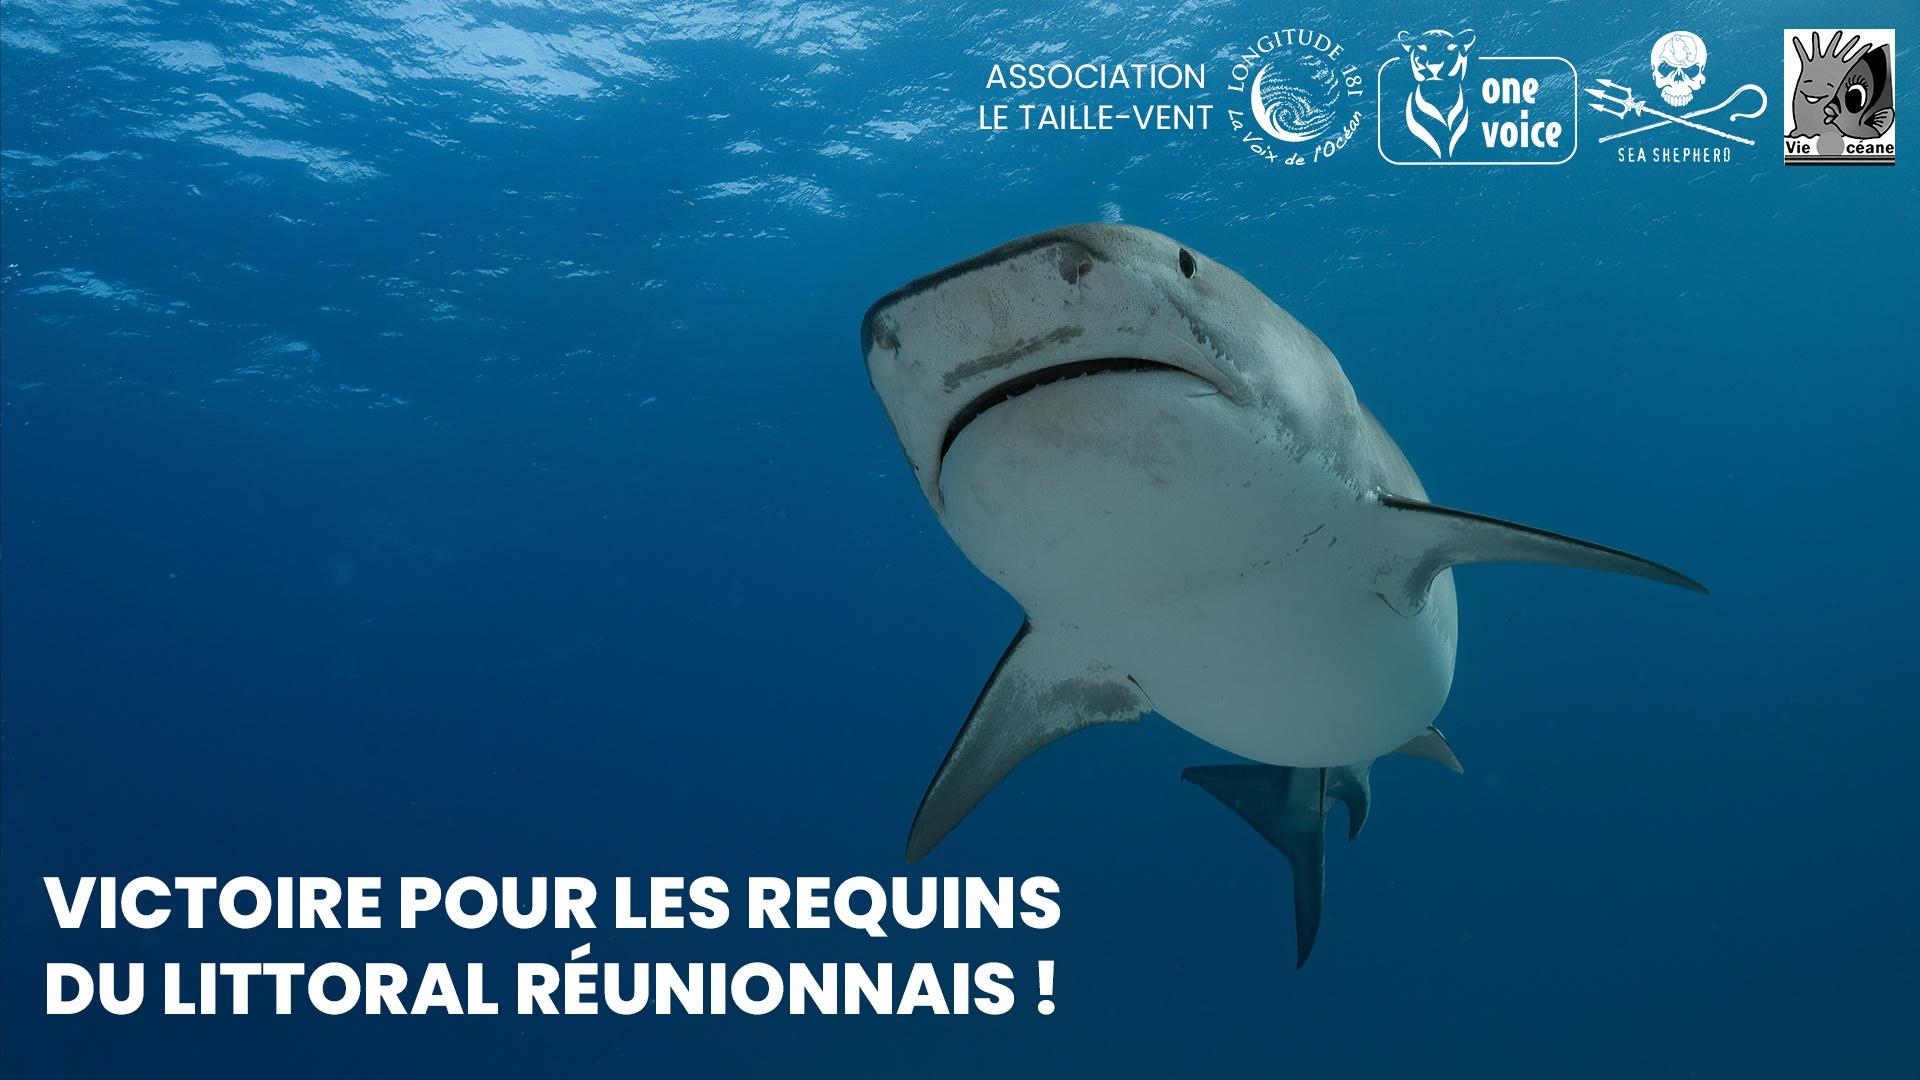 Victoire pour les requins de La Réunion